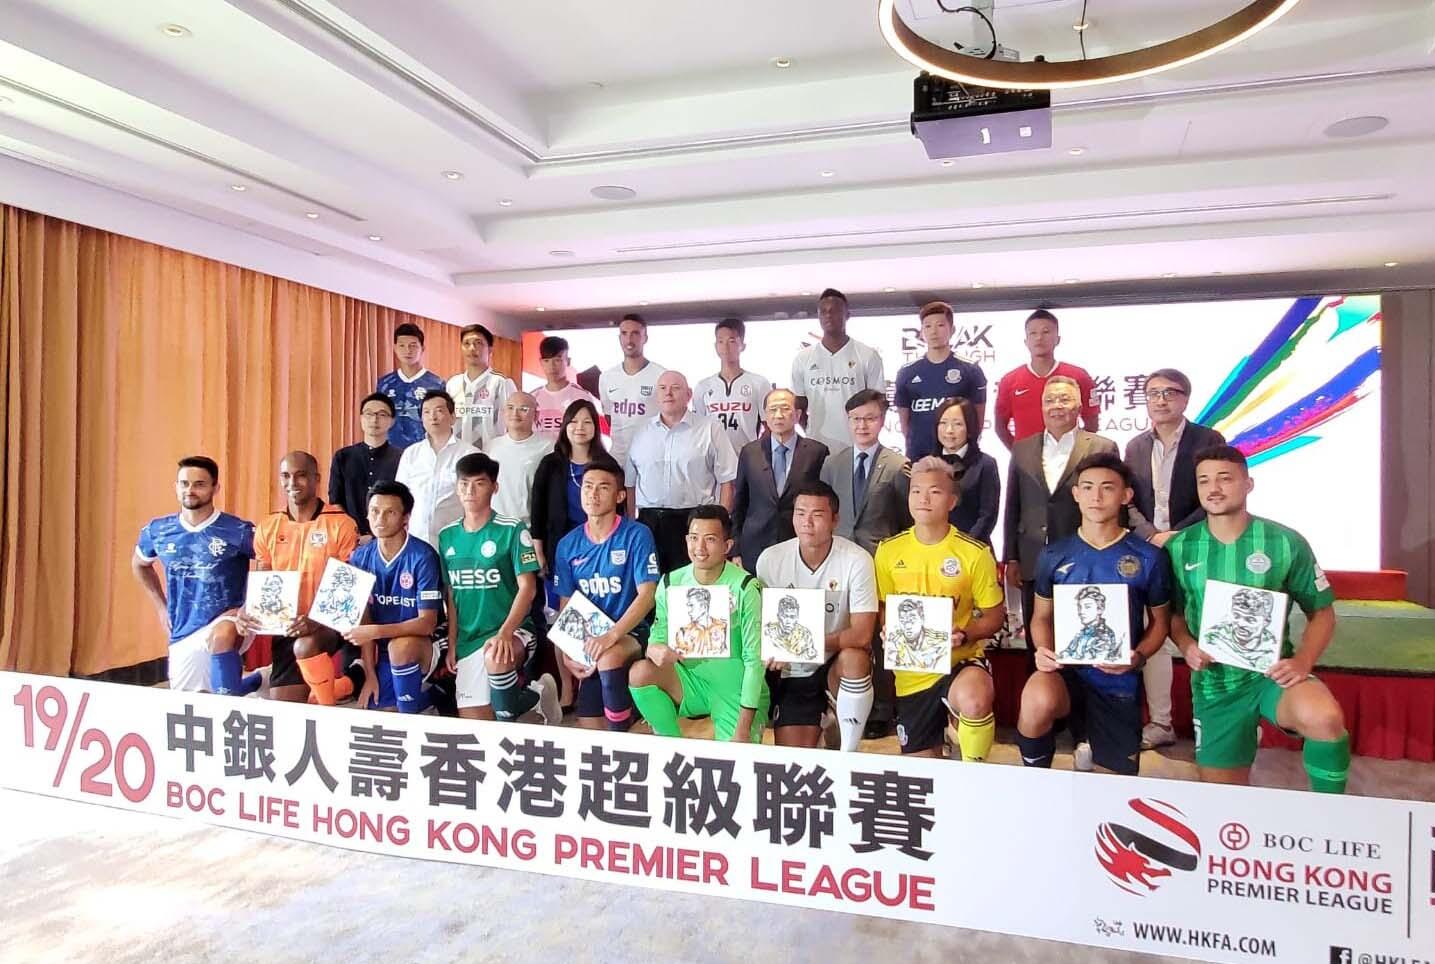 溫達倫(第二排左五)今午出席港超新季發布會,他指港足九月十日在主場對伊朗的世盃外賽事將如期上演。郭晉朗攝